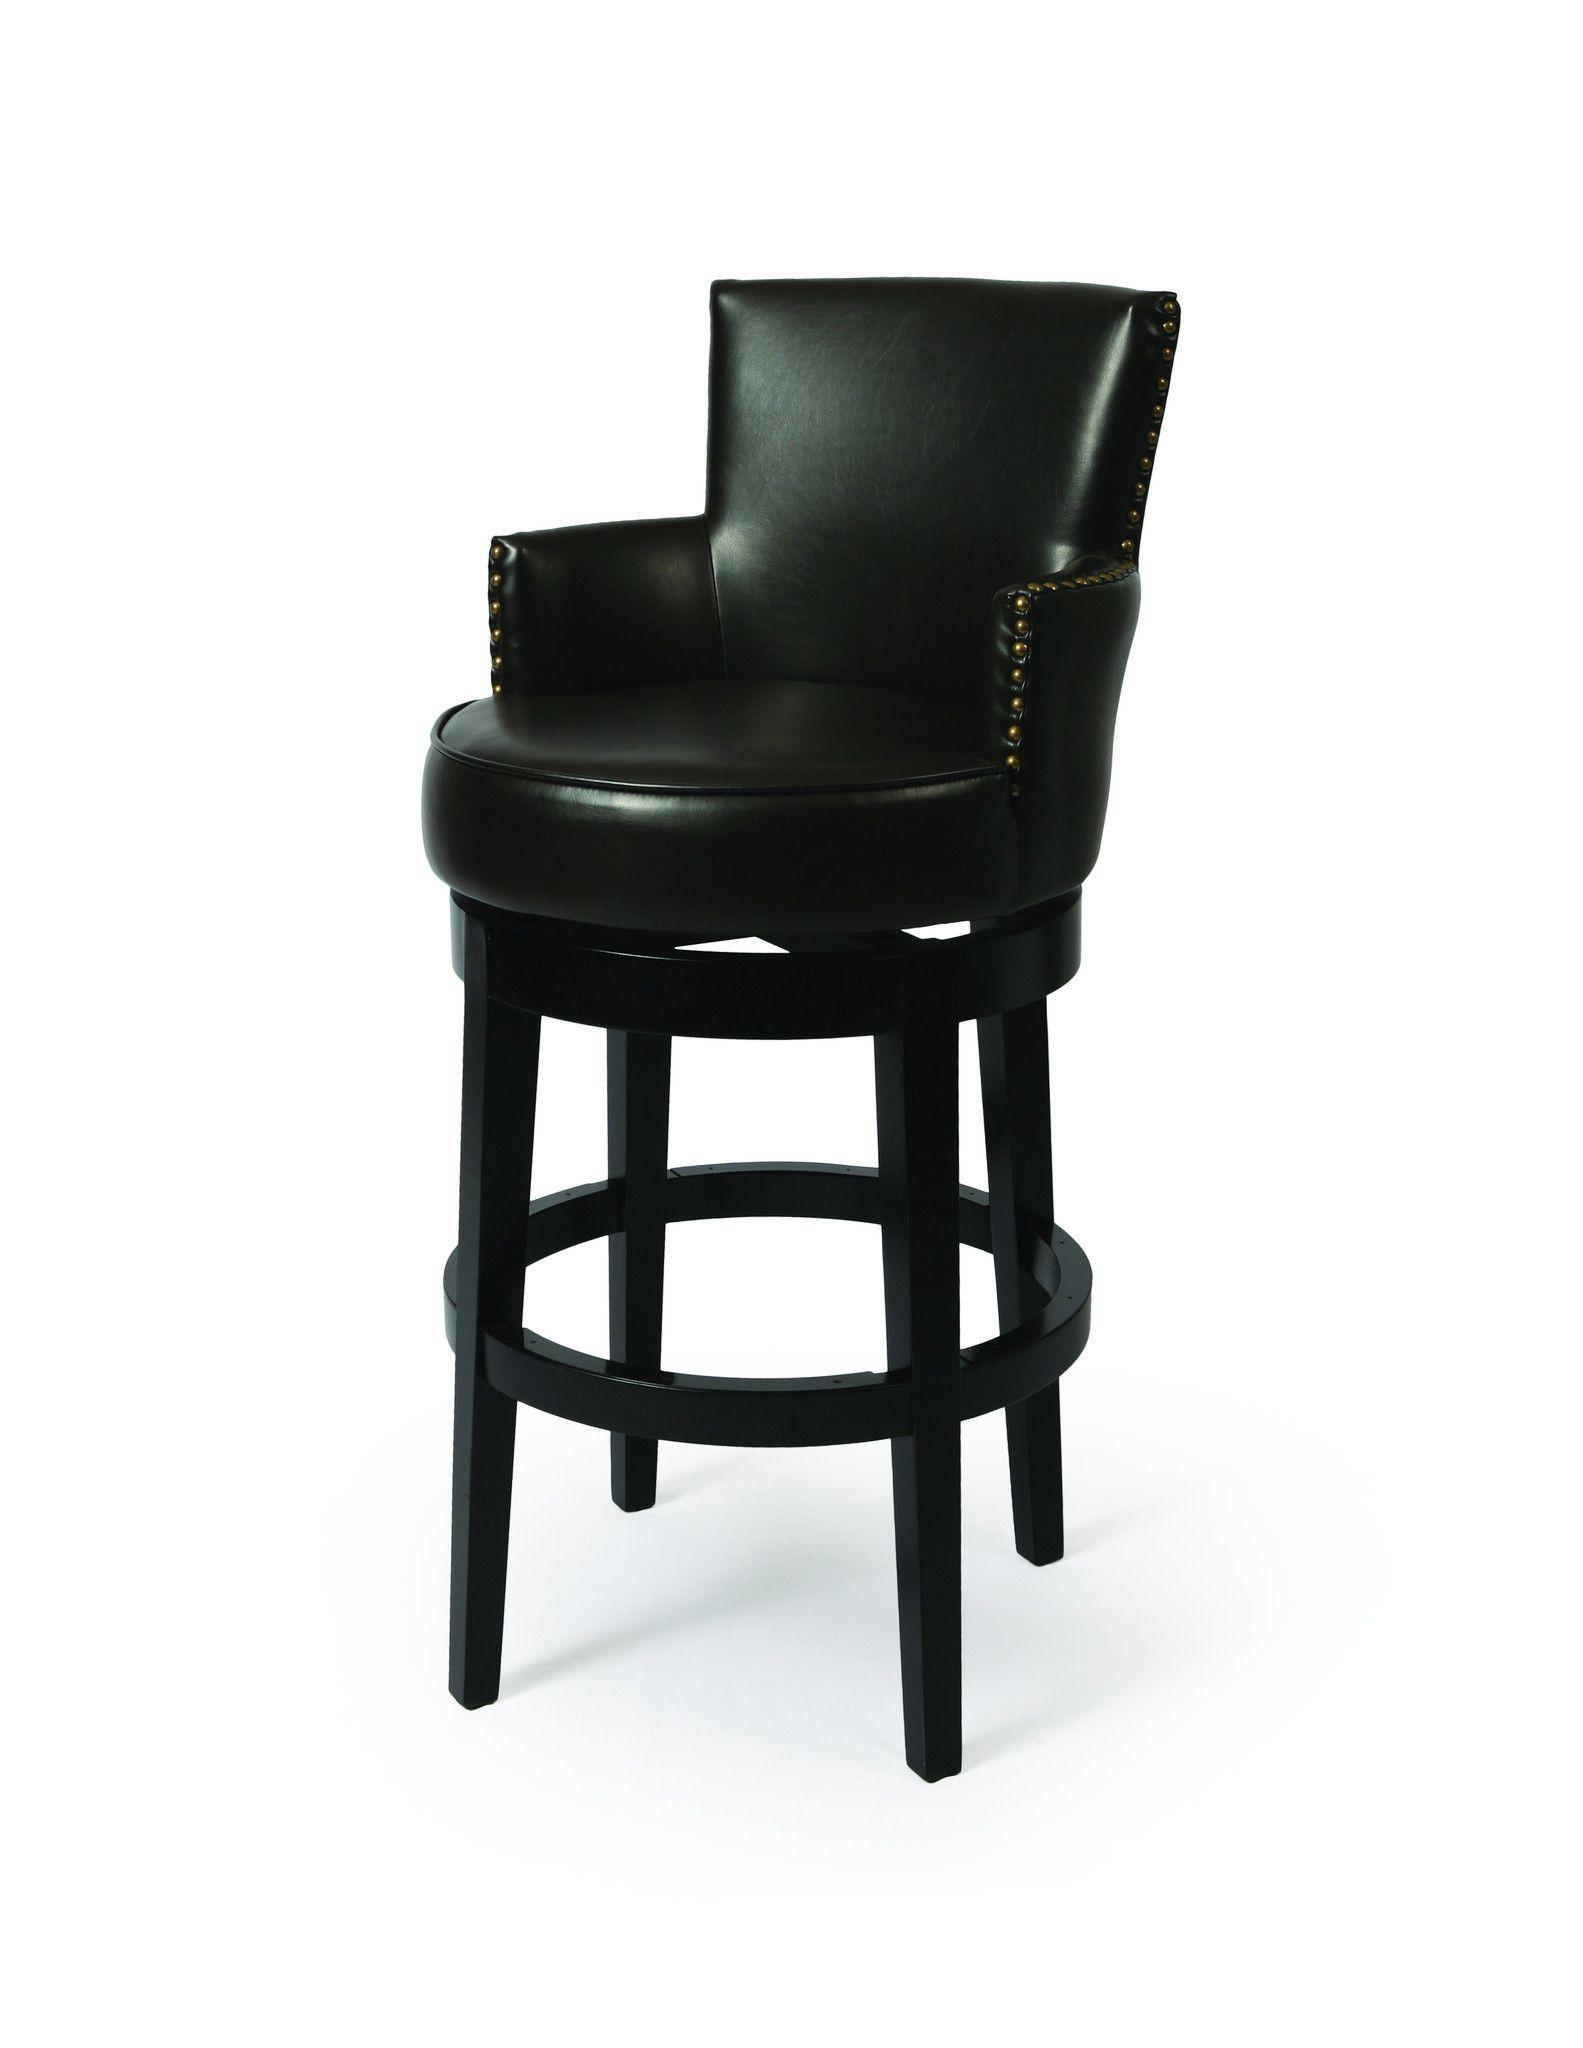 Enjoyable Harvey Haley 30 Barstool In Feher Black Upholstered In Inzonedesignstudio Interior Chair Design Inzonedesignstudiocom